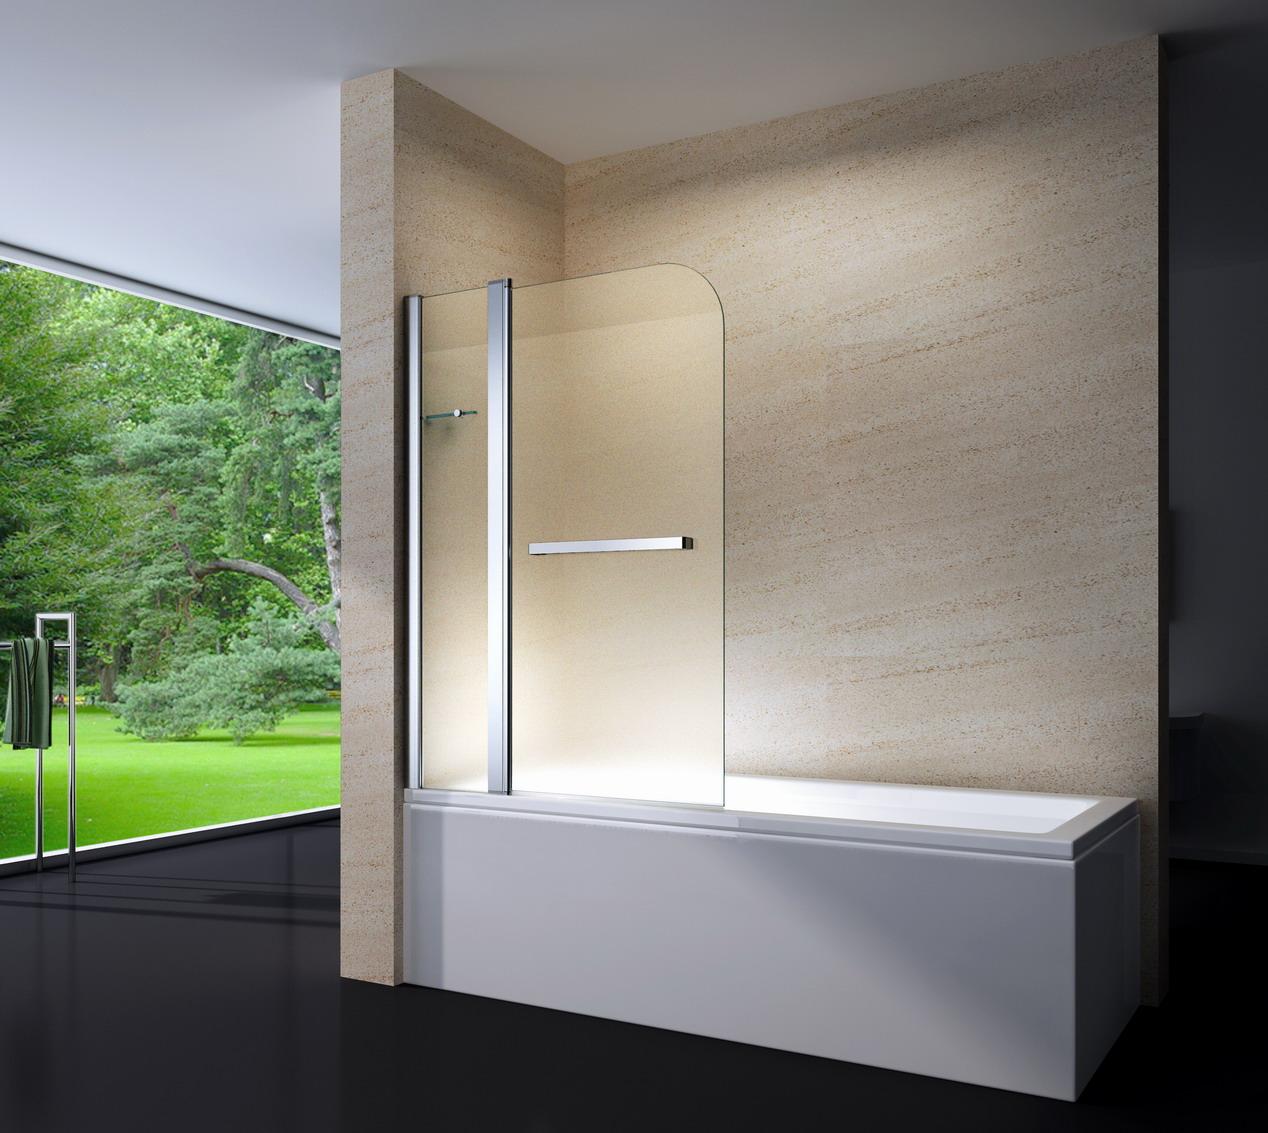 Sanifun badwand Eloisa mat glas L 140 x 120.